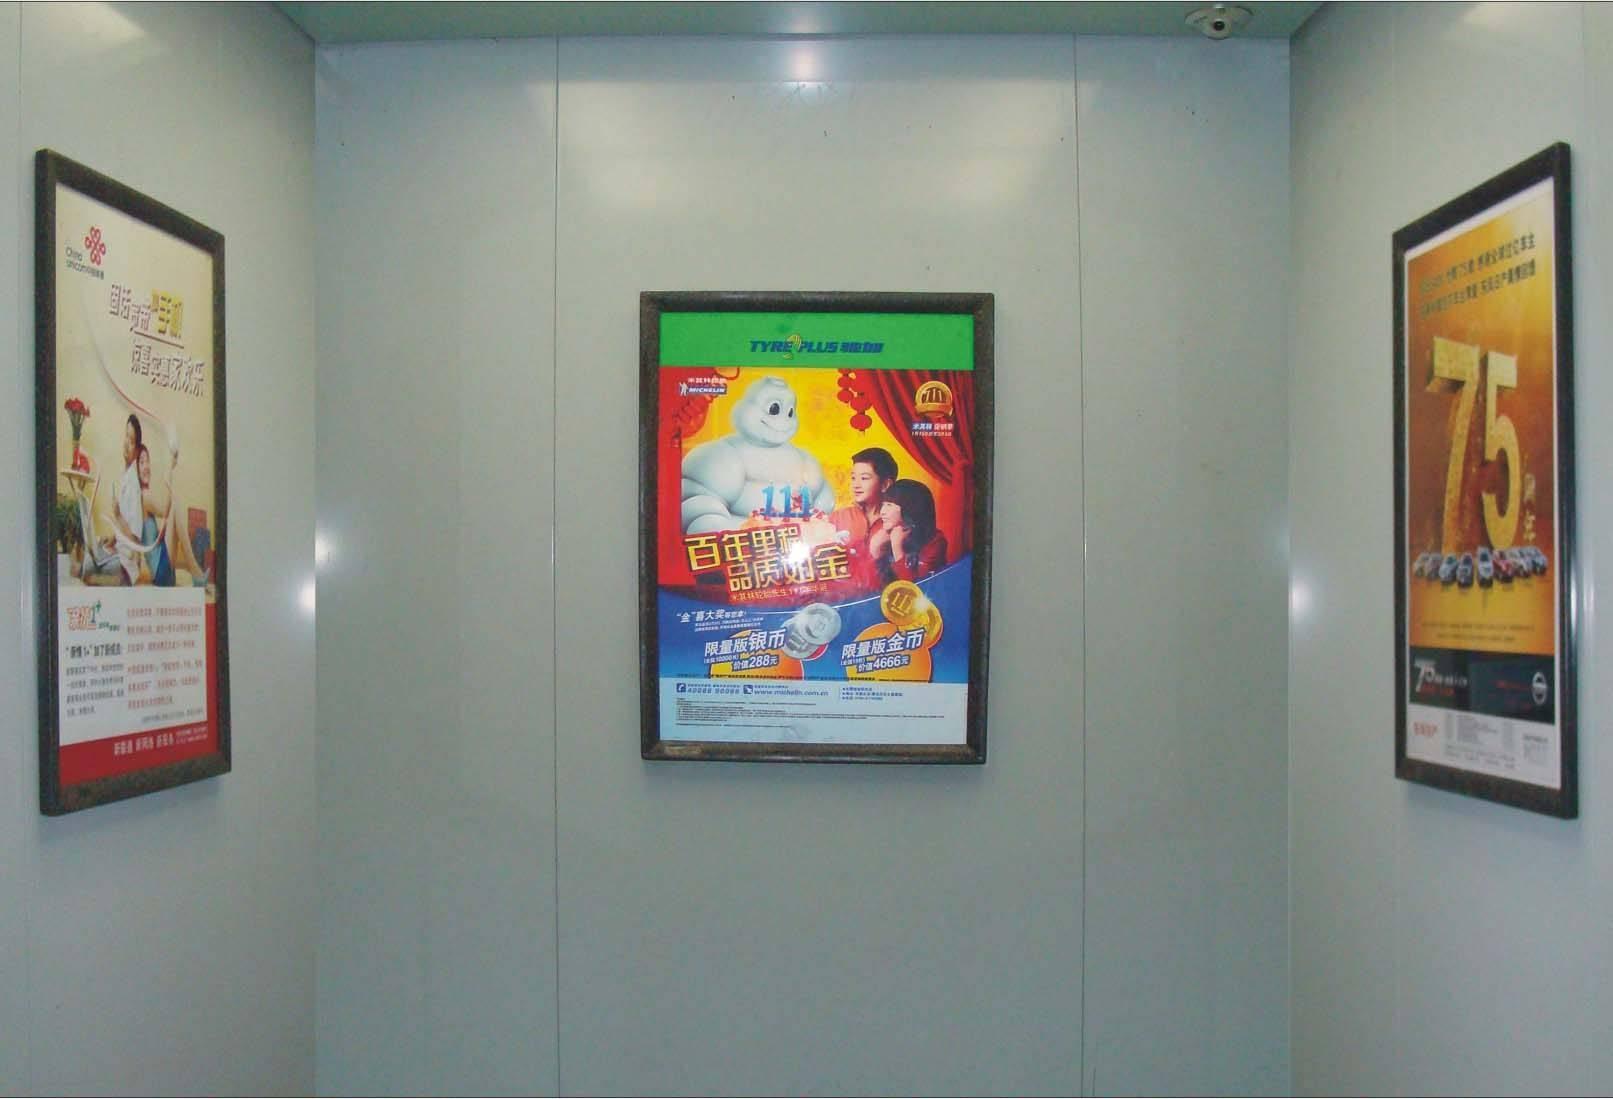 佛山市高明区汇泓华府电梯轿厢广告框架